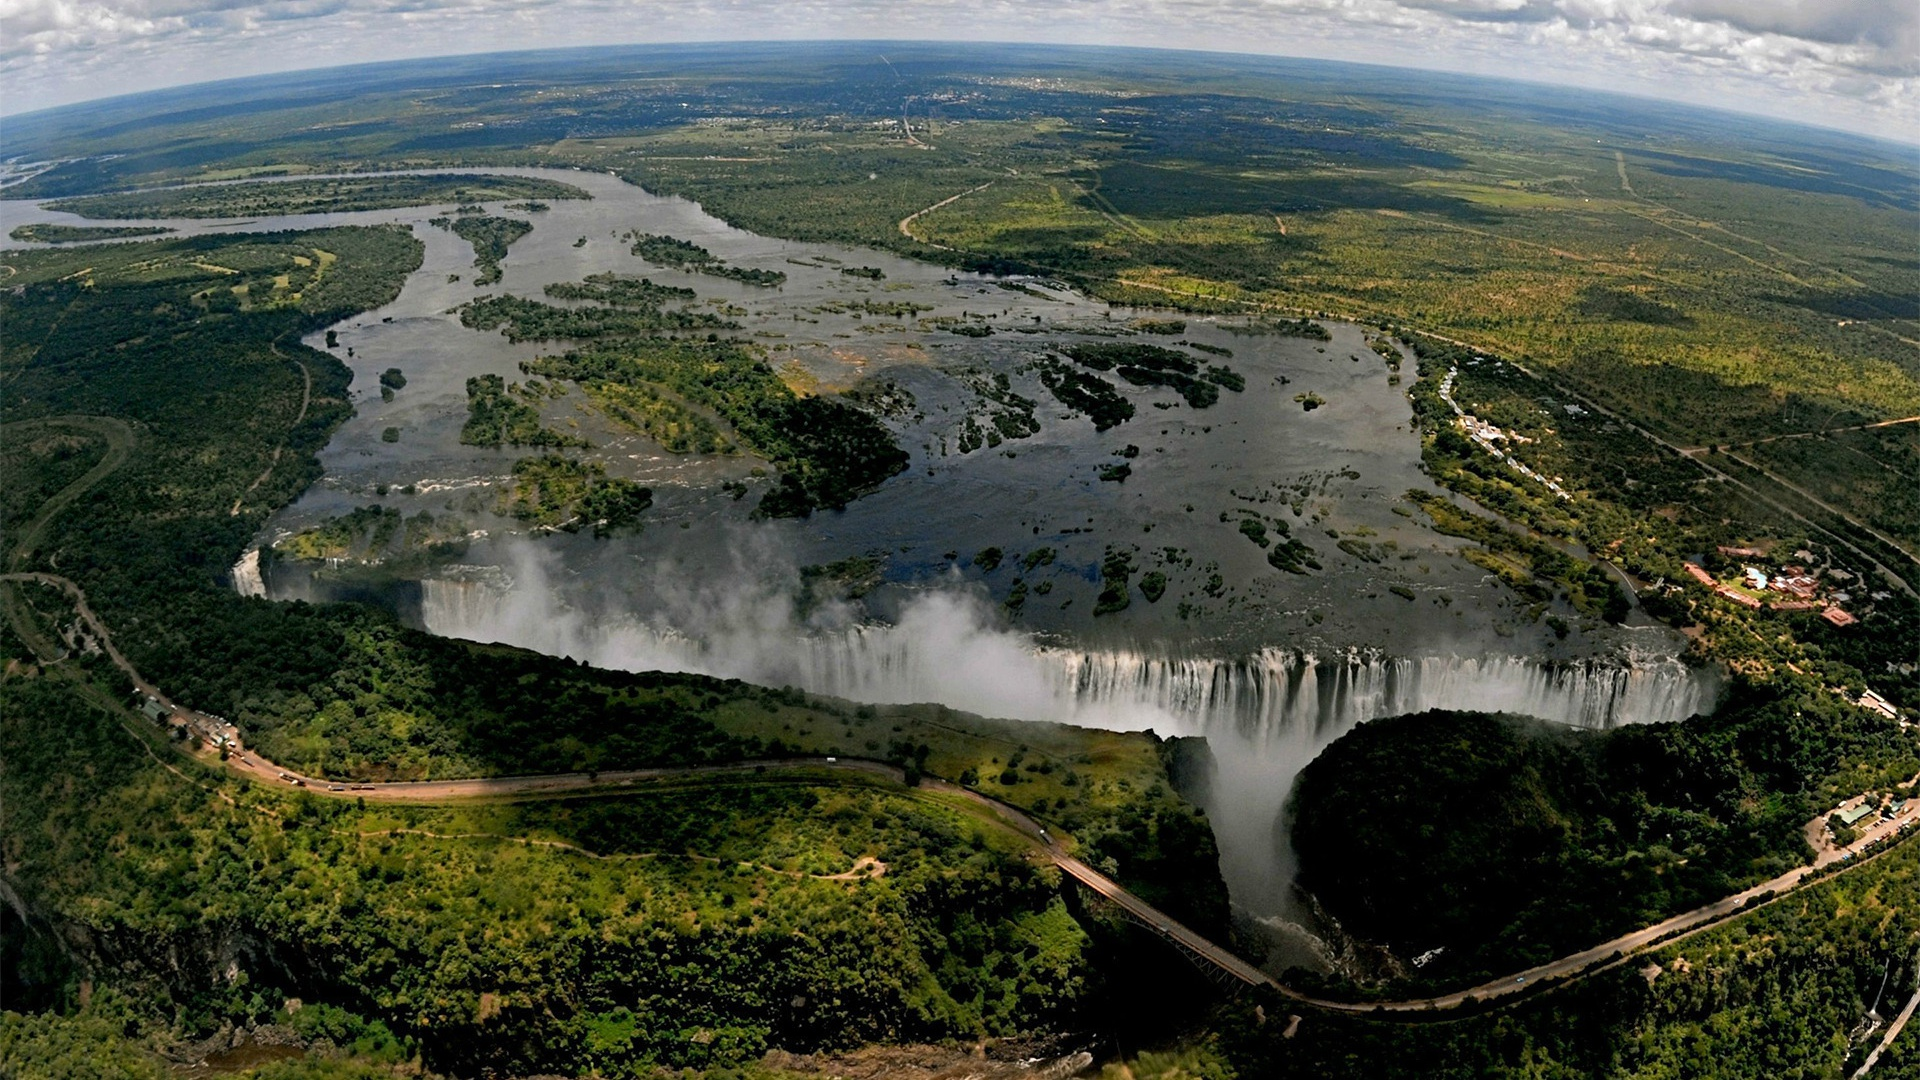 1920x1080-Zambezi-River-Africa-wallpaper-wp3401000